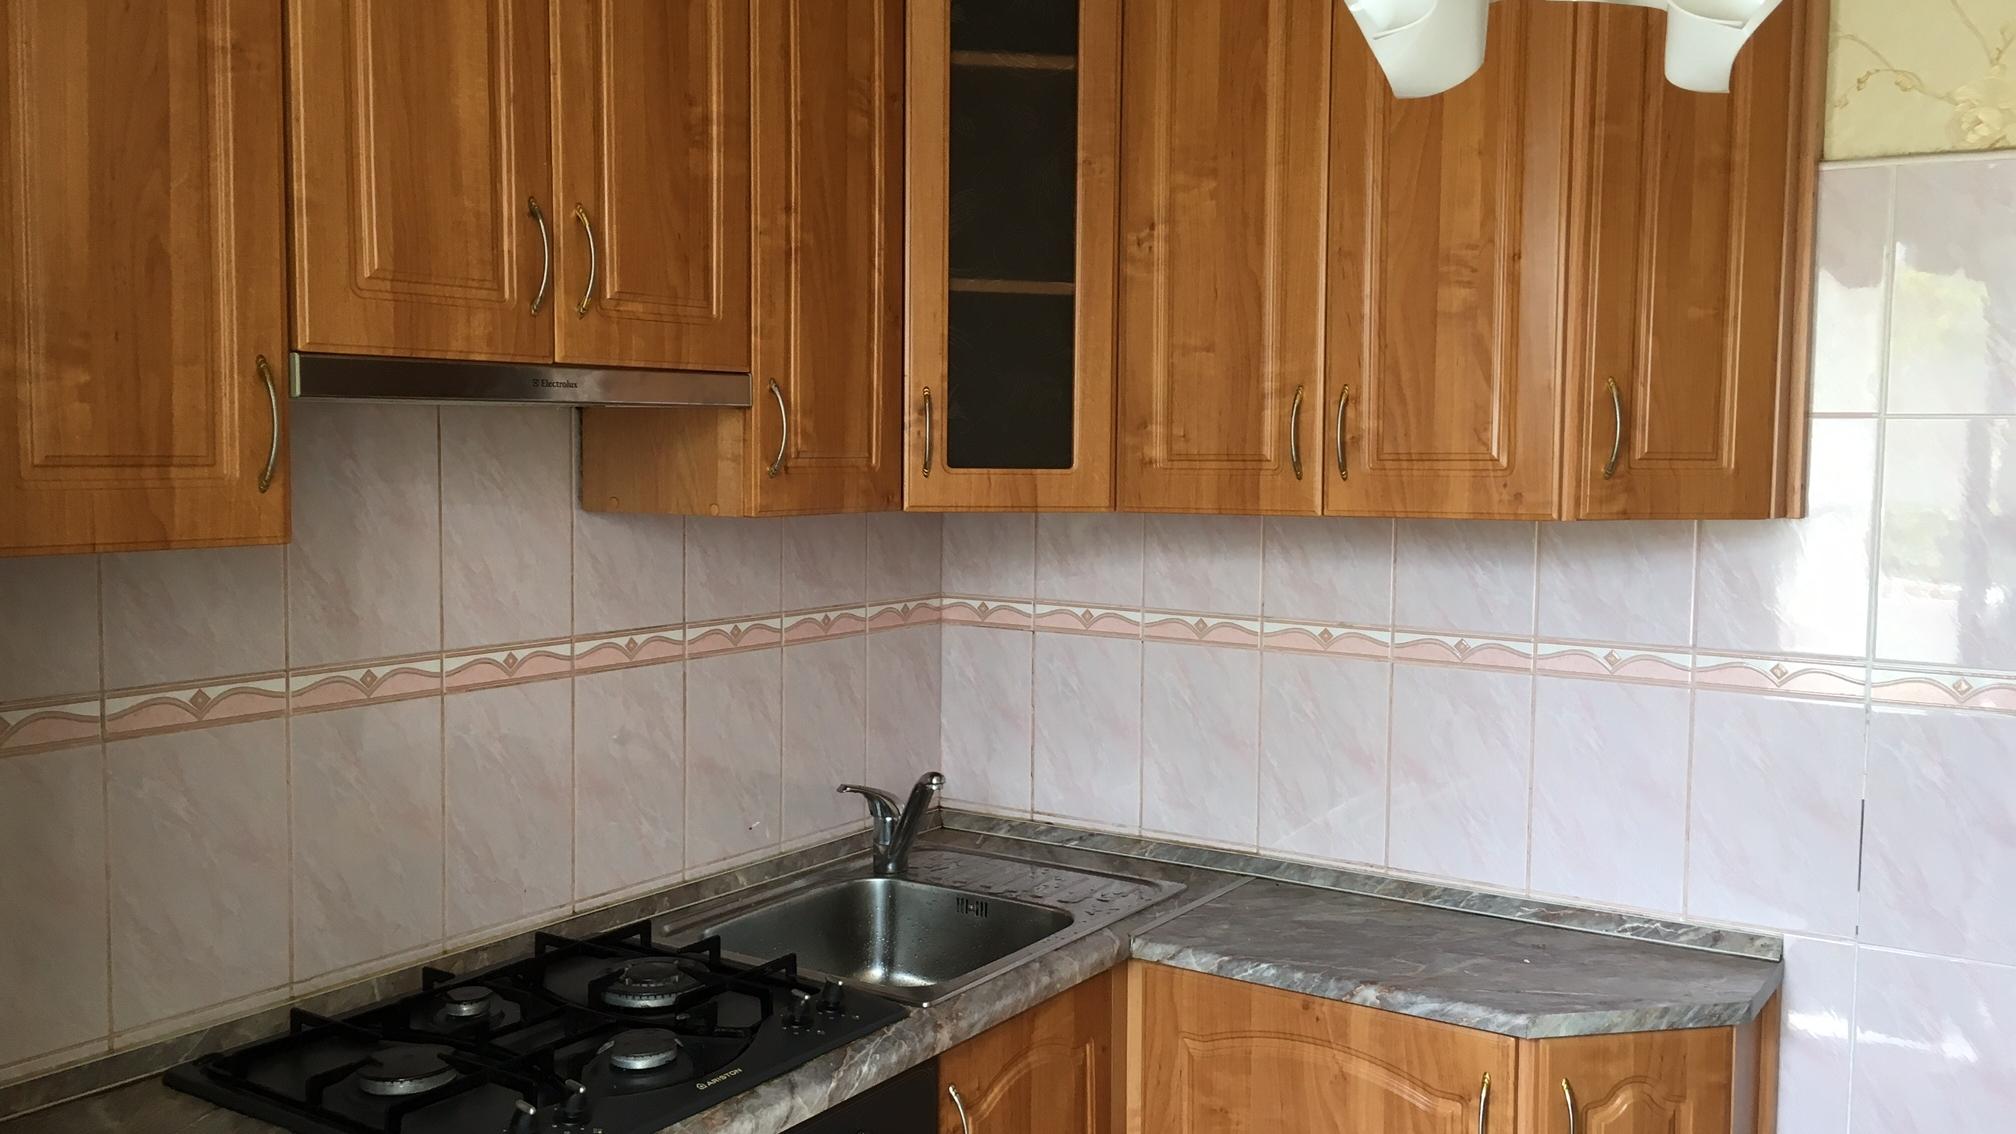 Экономный ремонт кухни своими руками. Фото до переделки